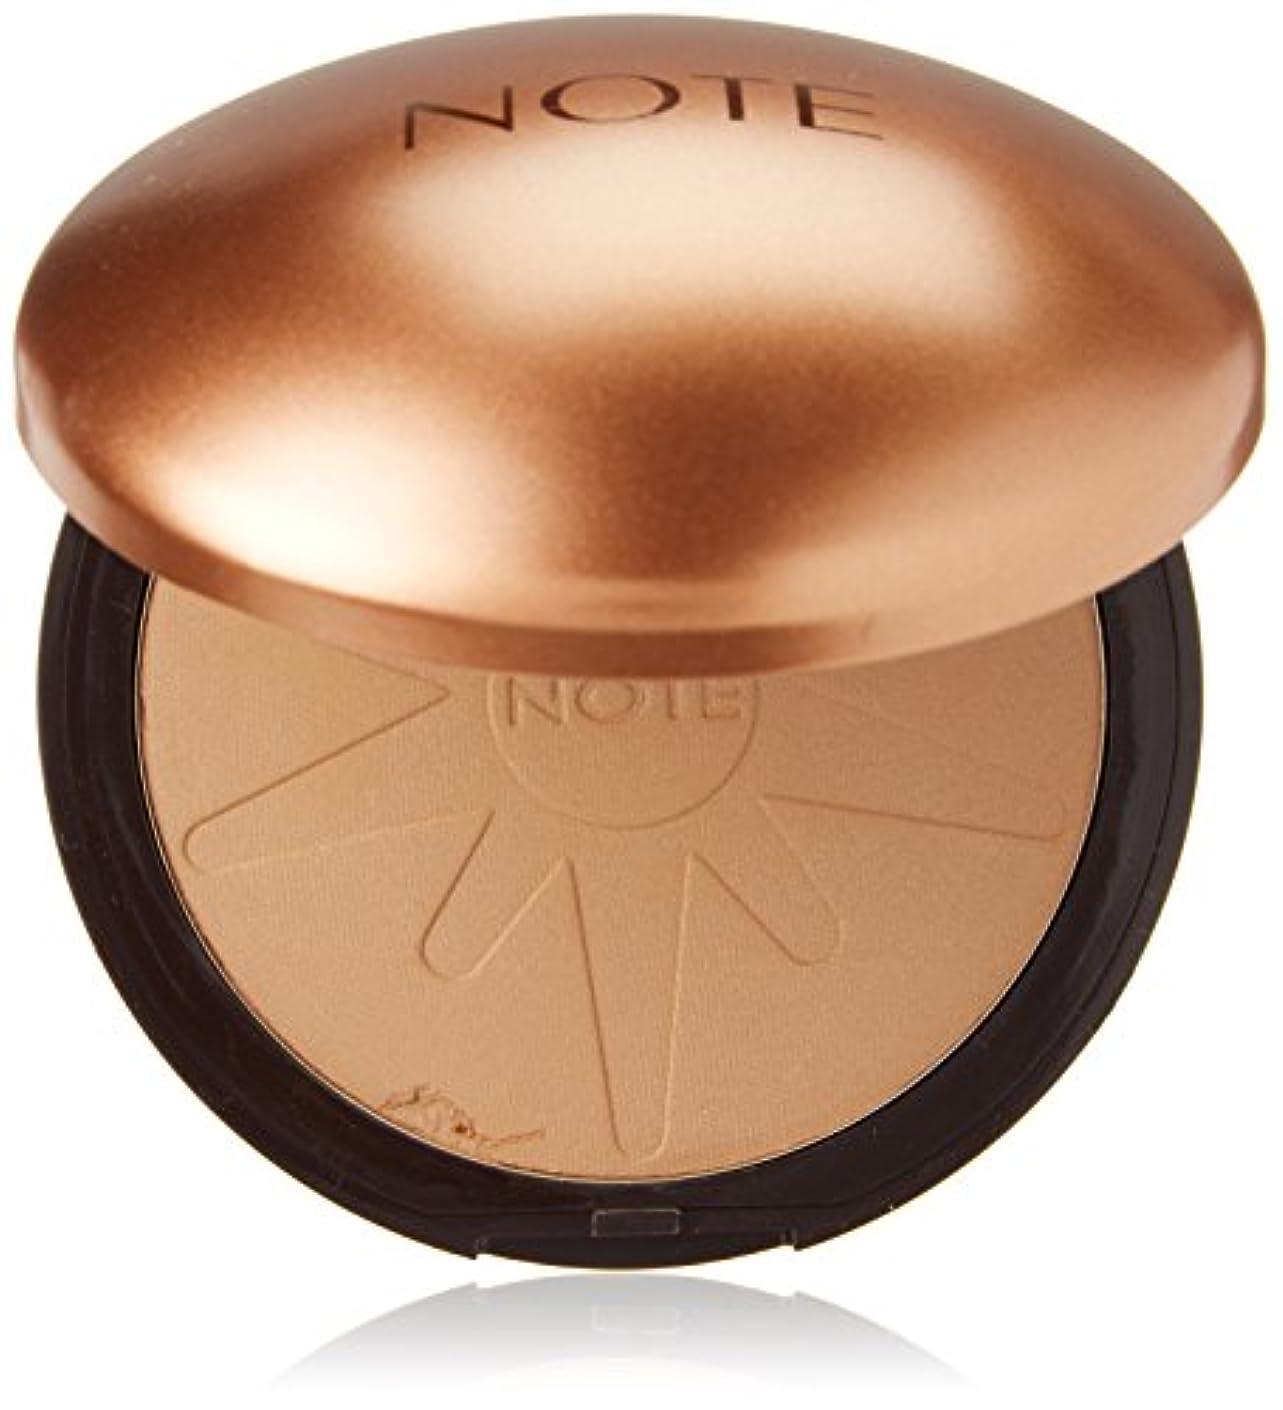 溶岩タック宣伝NOTE Cosmetics ブロンジングパウダー、1.1オンス 第20号